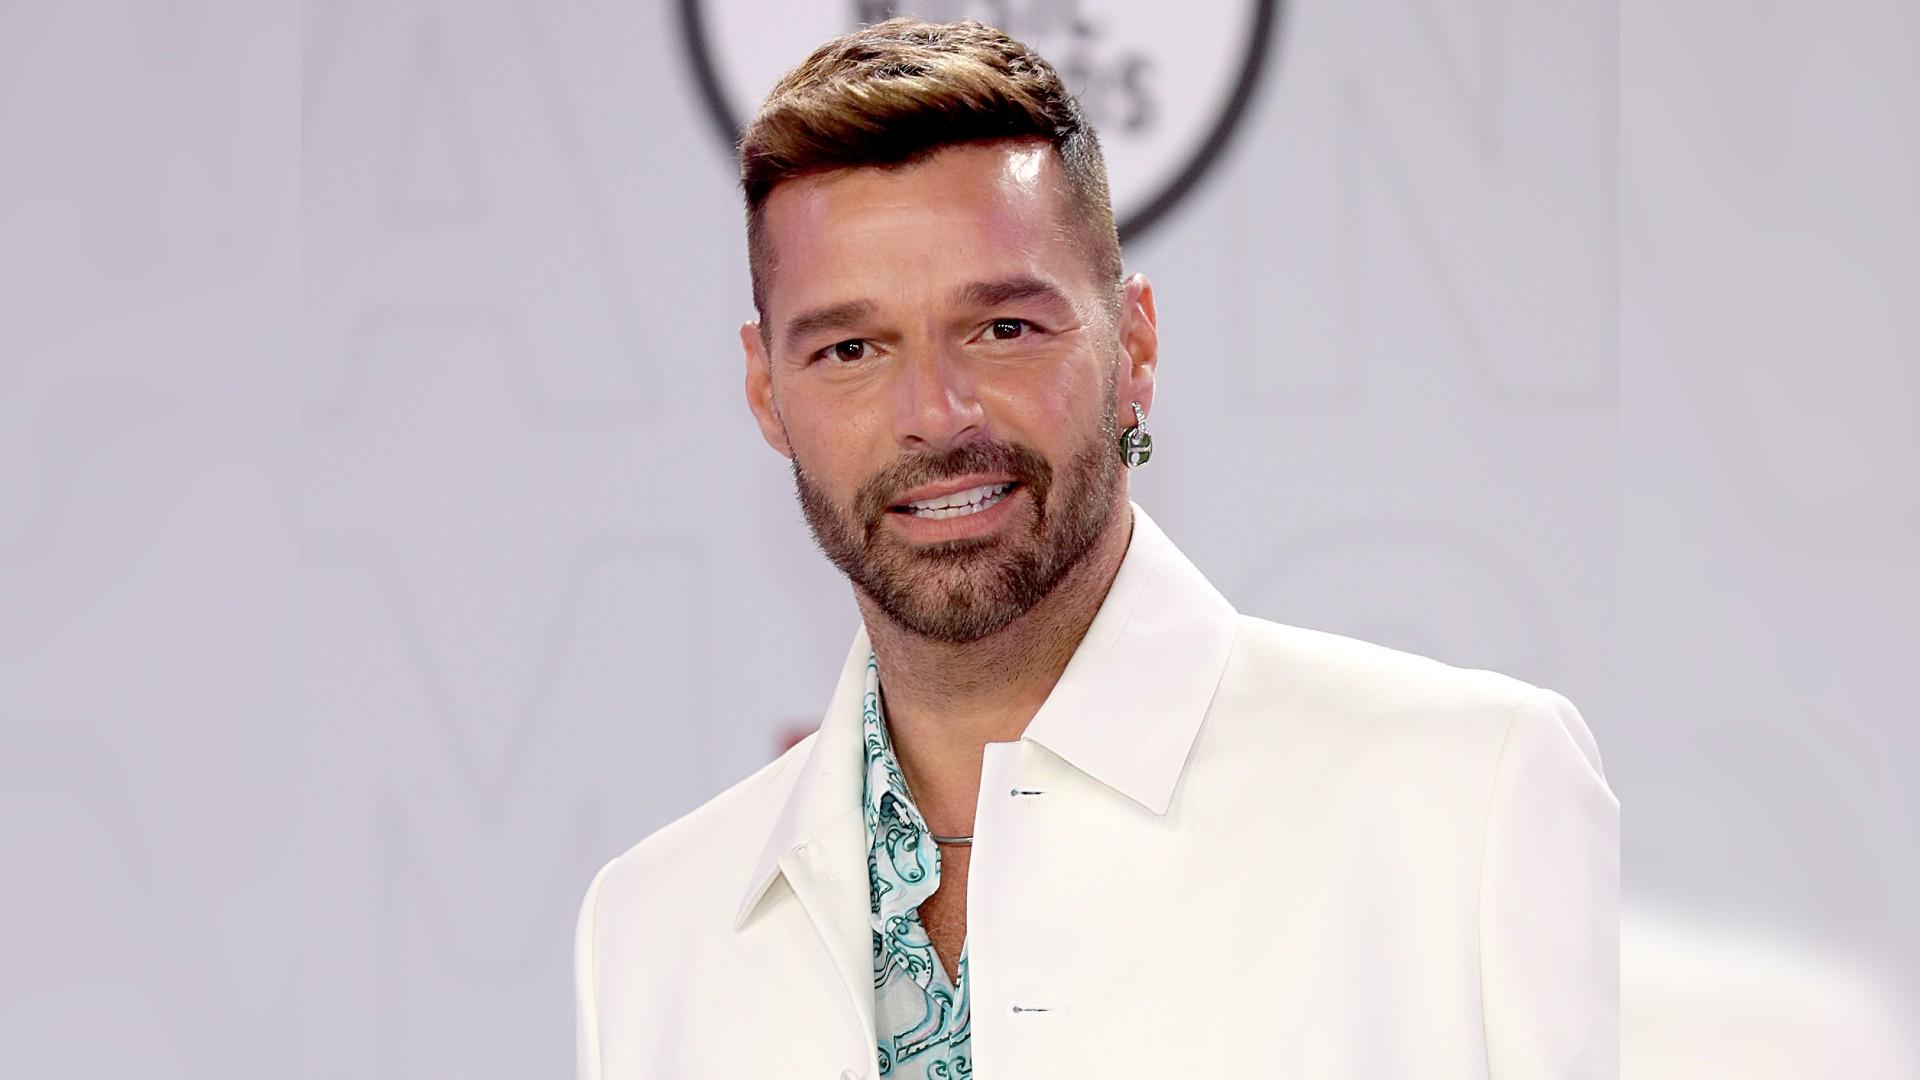 Ricky Martin habla de las secuelas que le dejó el covid 19 en el aspecto psicológico